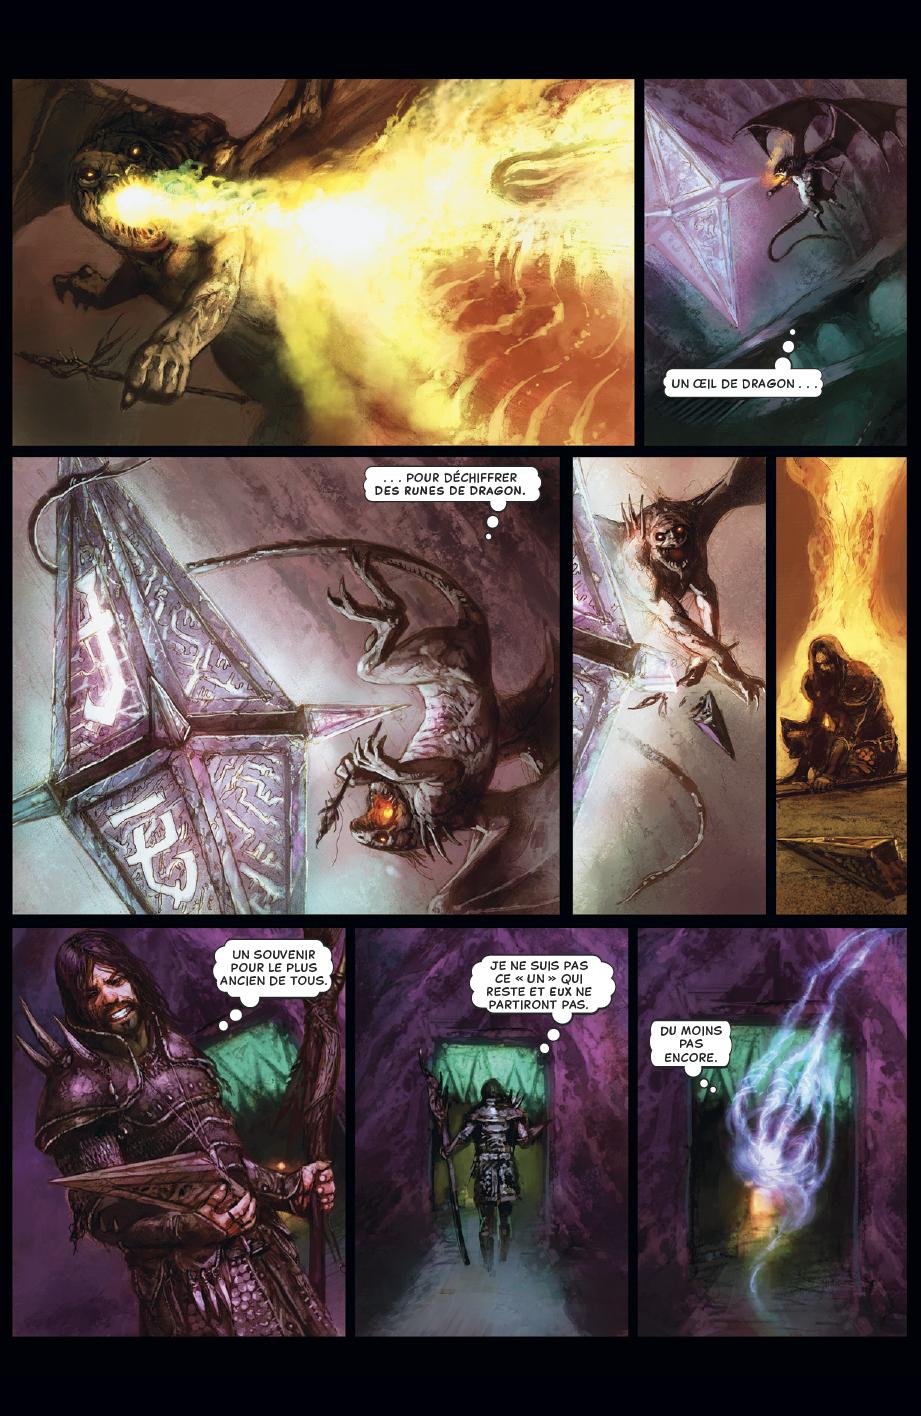 Enter the Eldrazi, Part 3: Page 1